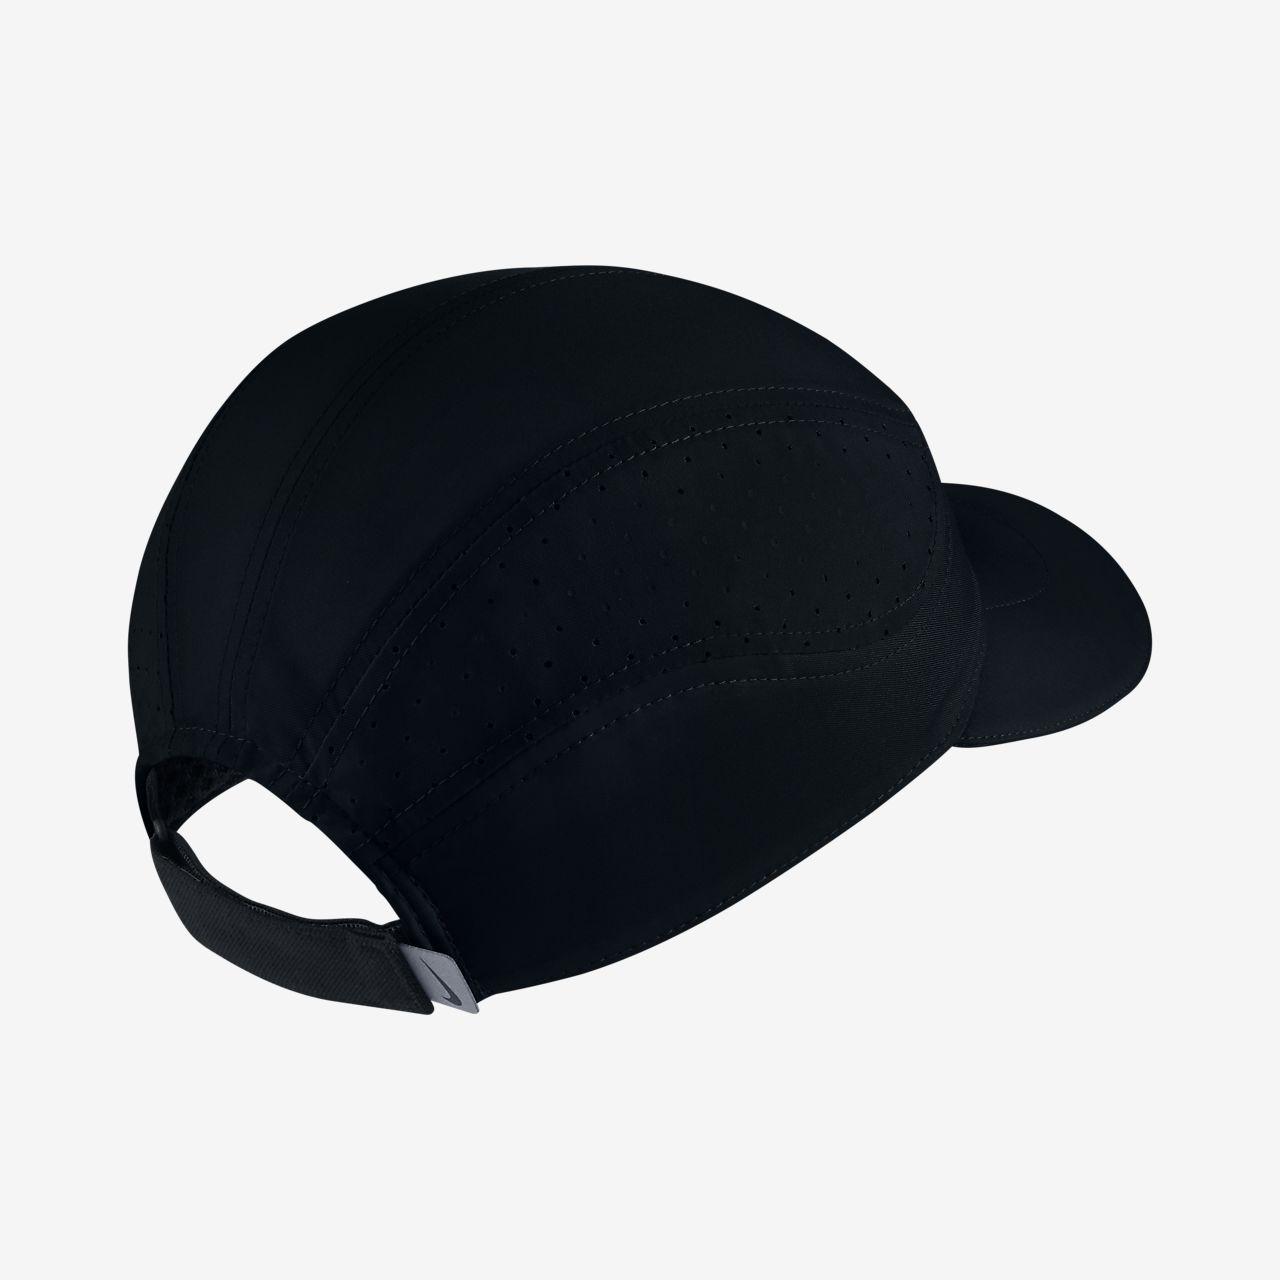 c8a94359 australia nike hat white woman grunge b2192 92432